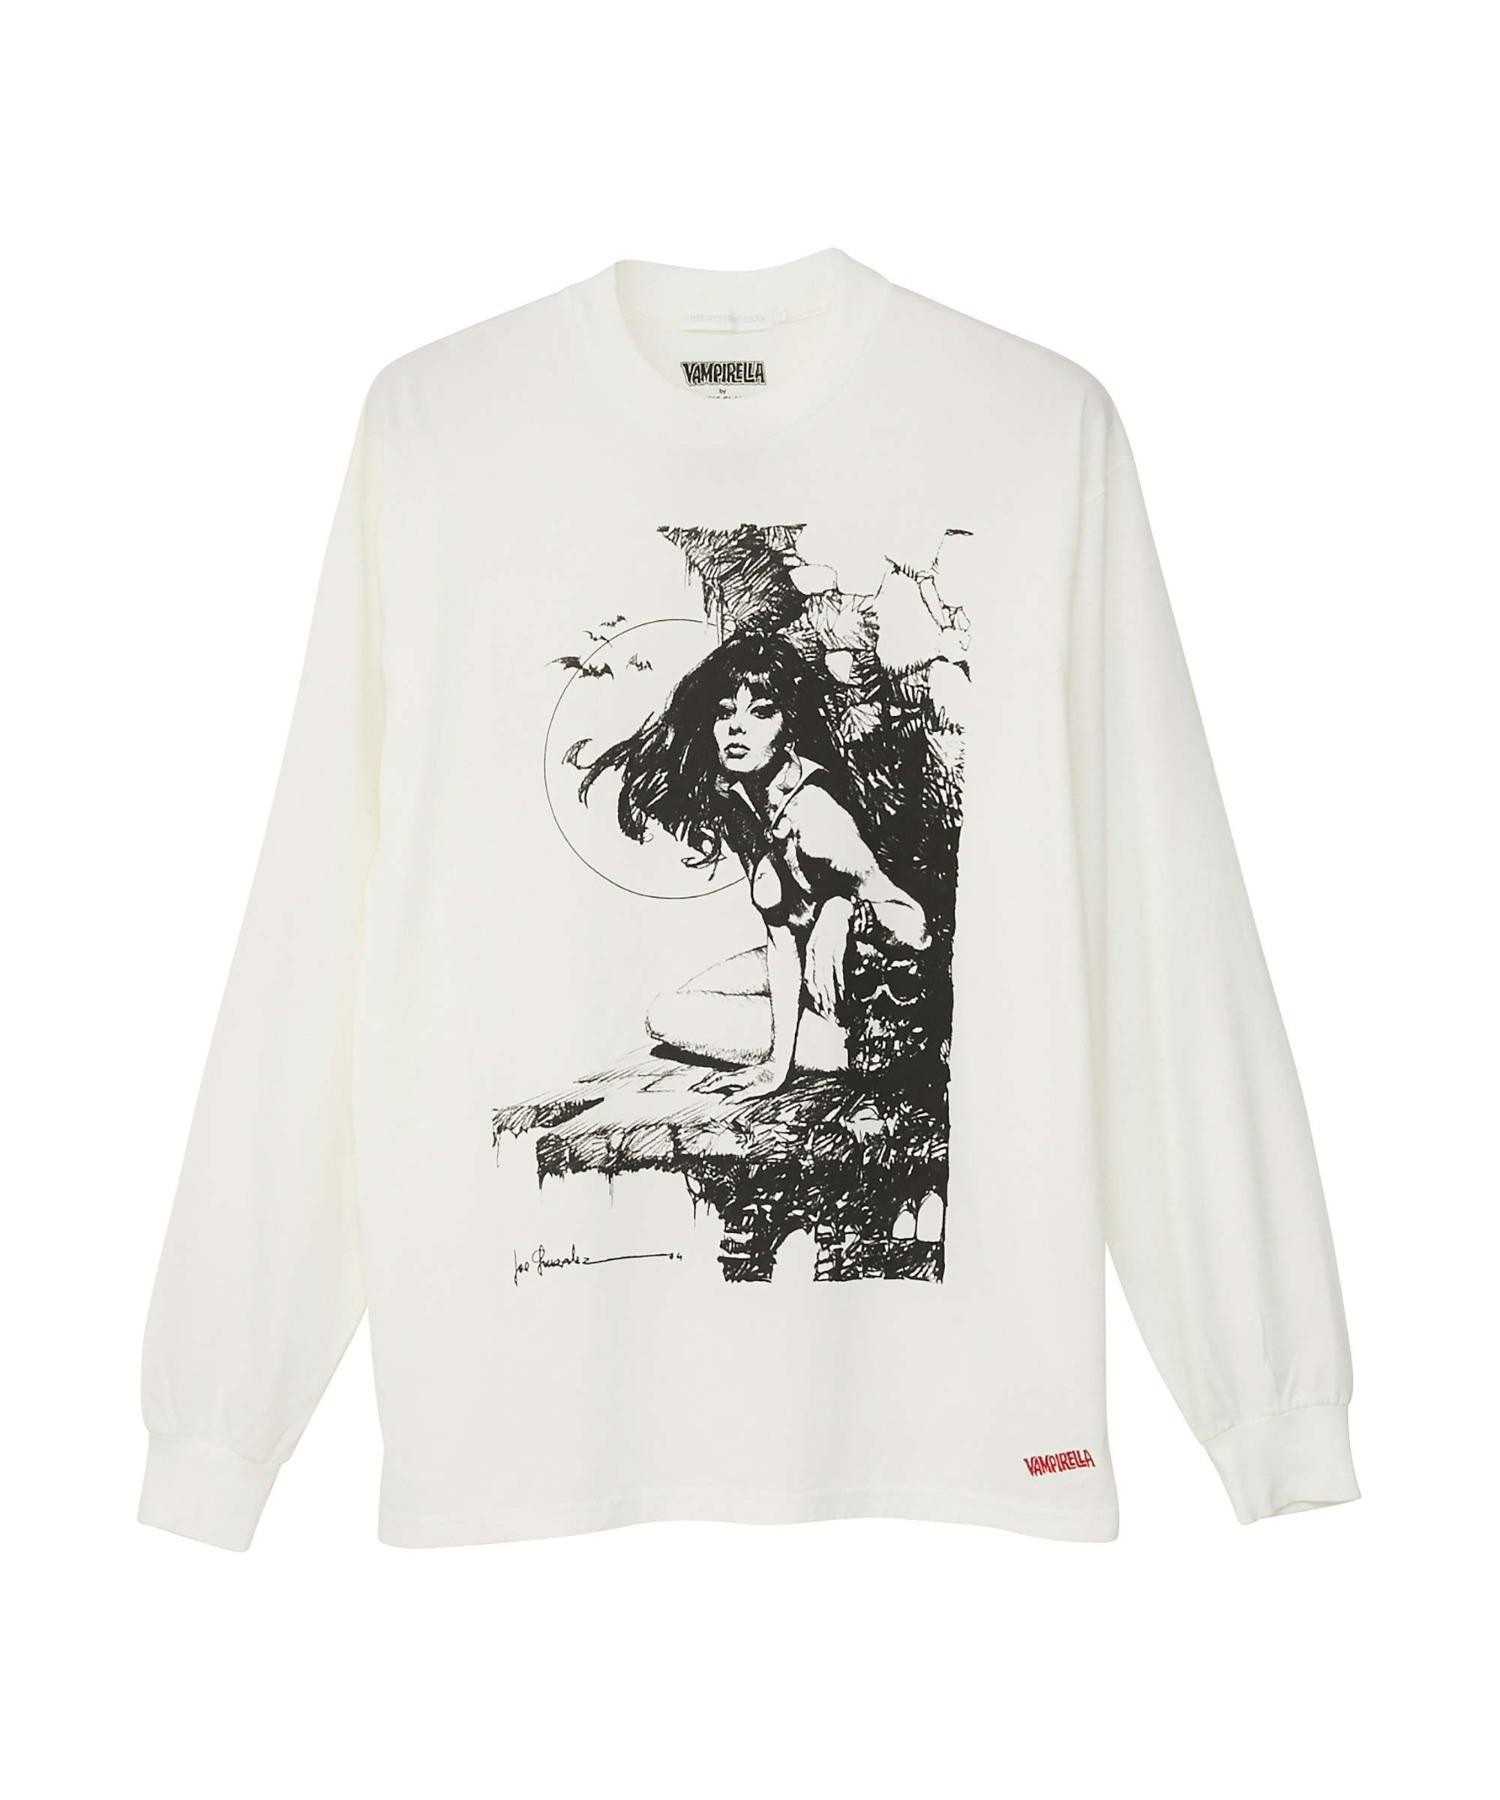 VAMPIRELLA/#39 SKULL Tシャツ